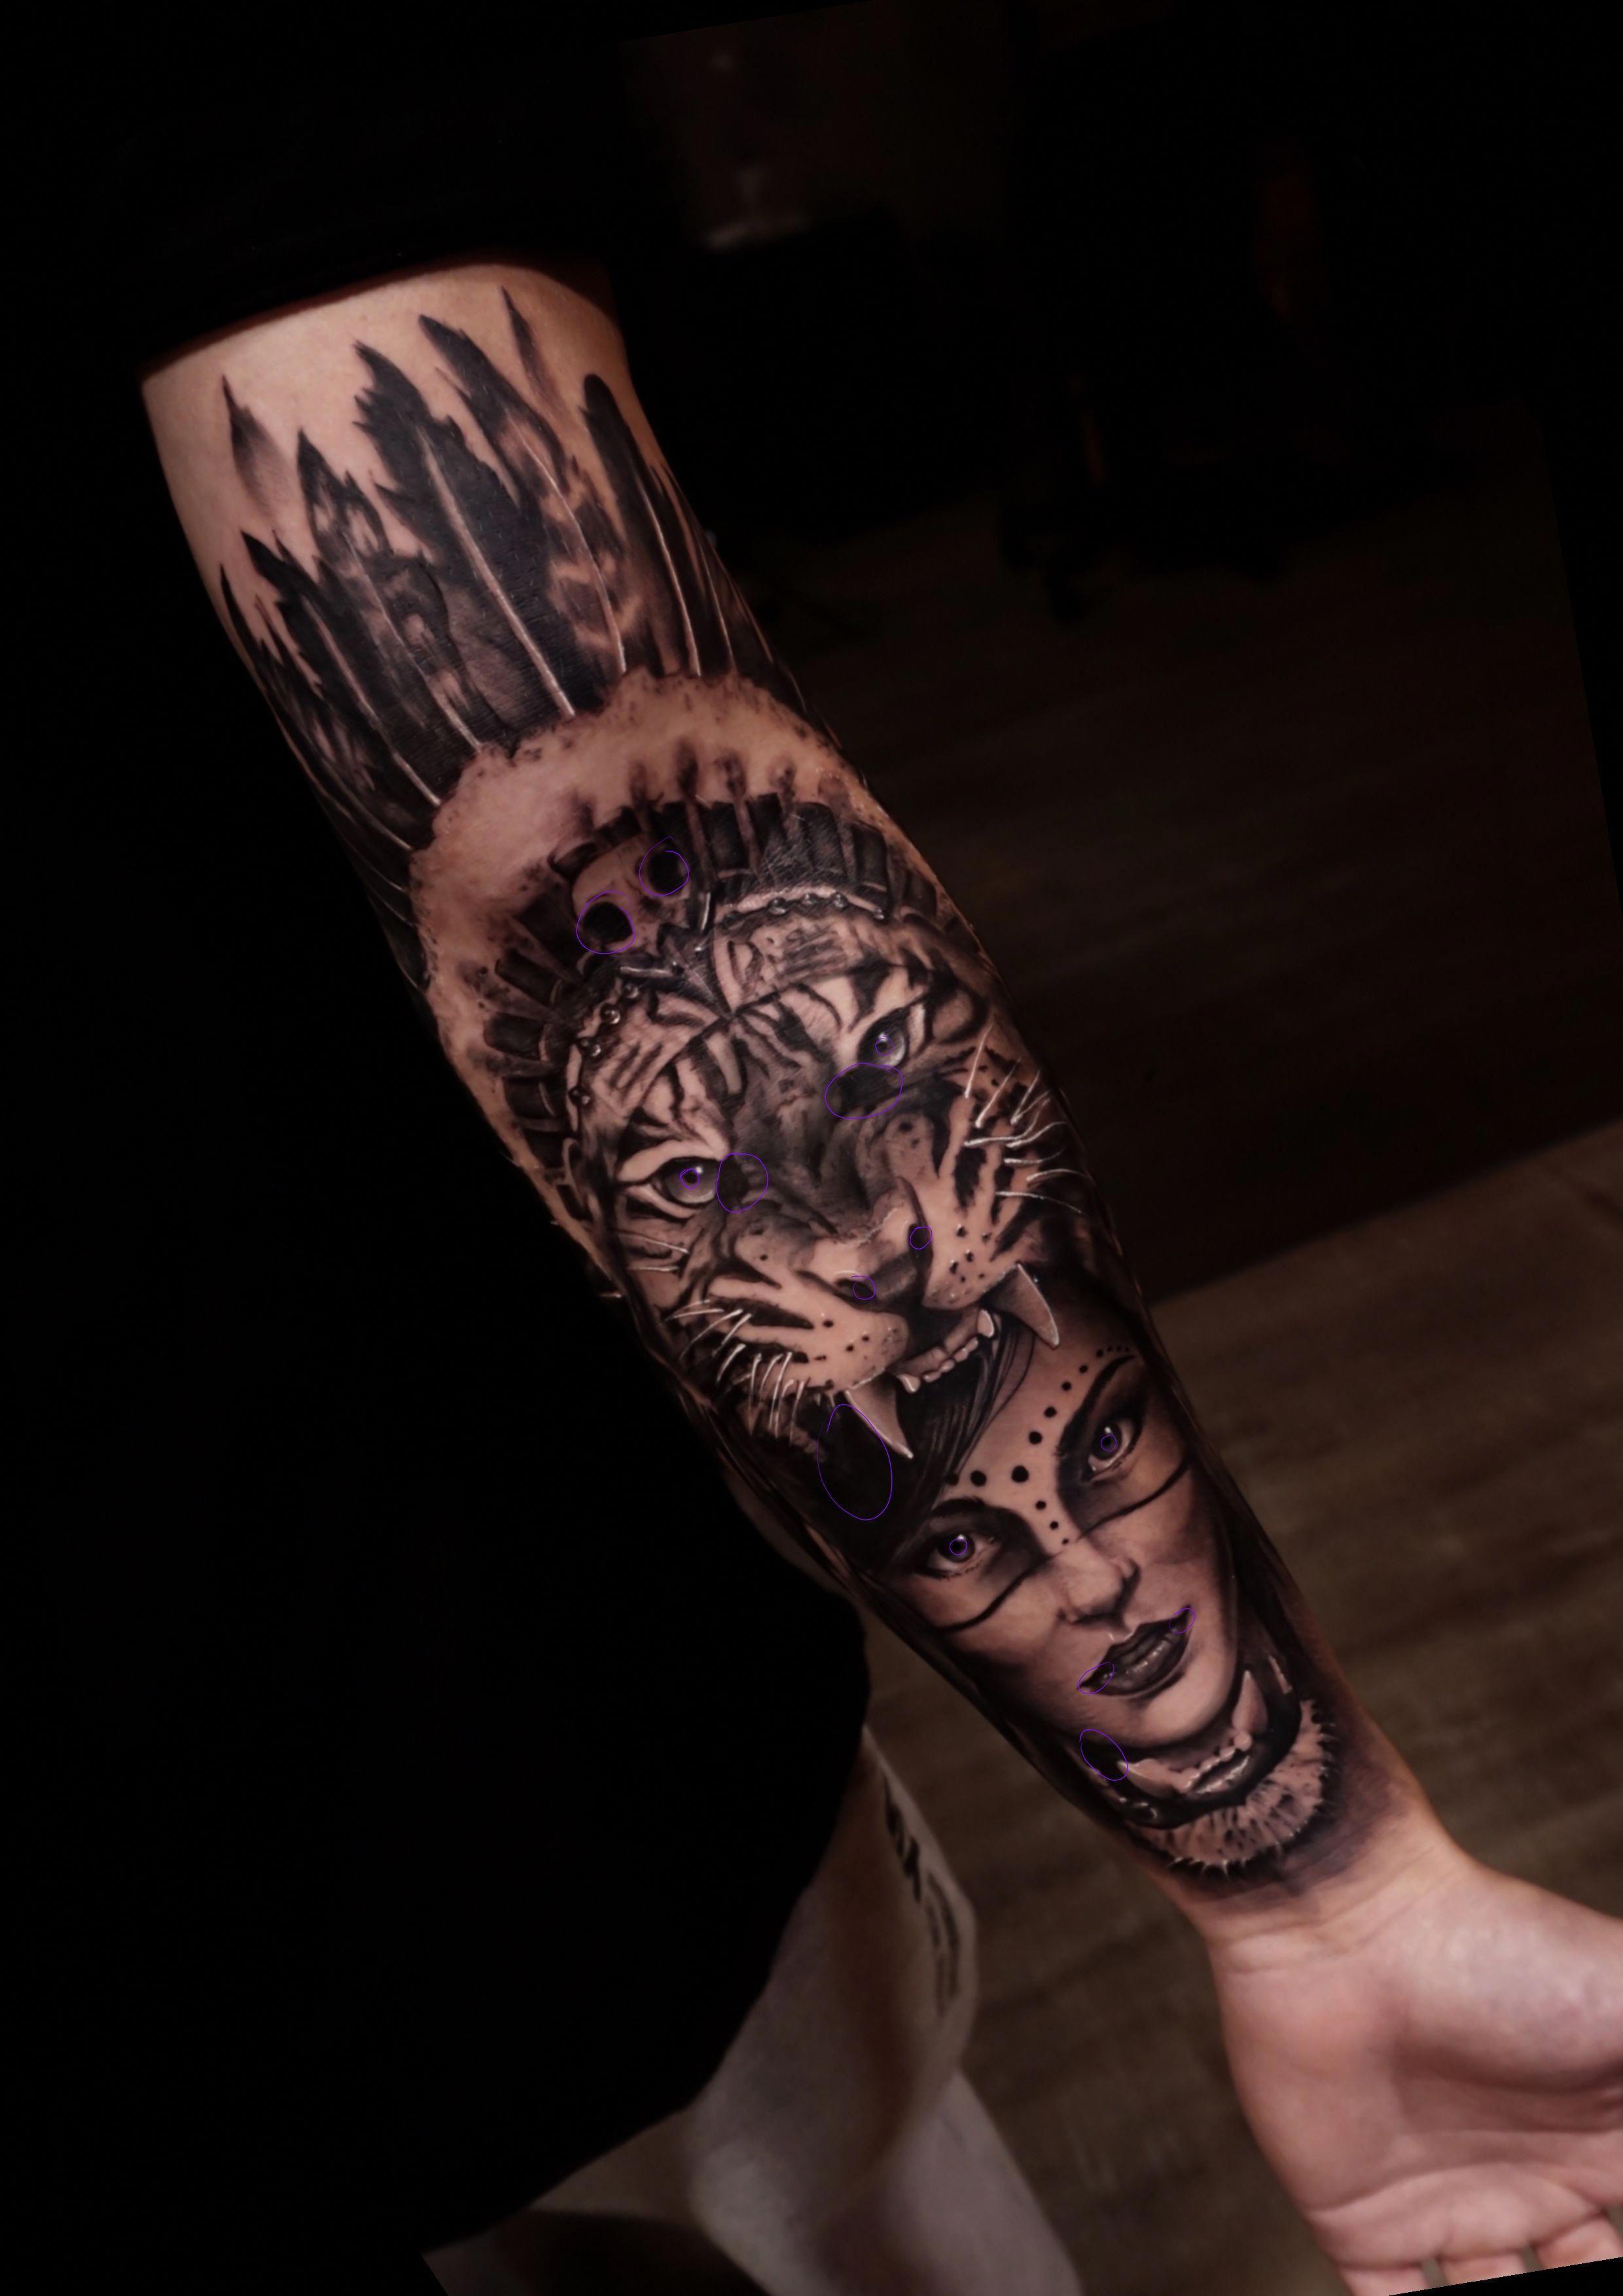 c6819dd6b171b Tattoo de caçadora #Maoritattoos | Maori tattoos | Tattoos for guys ...